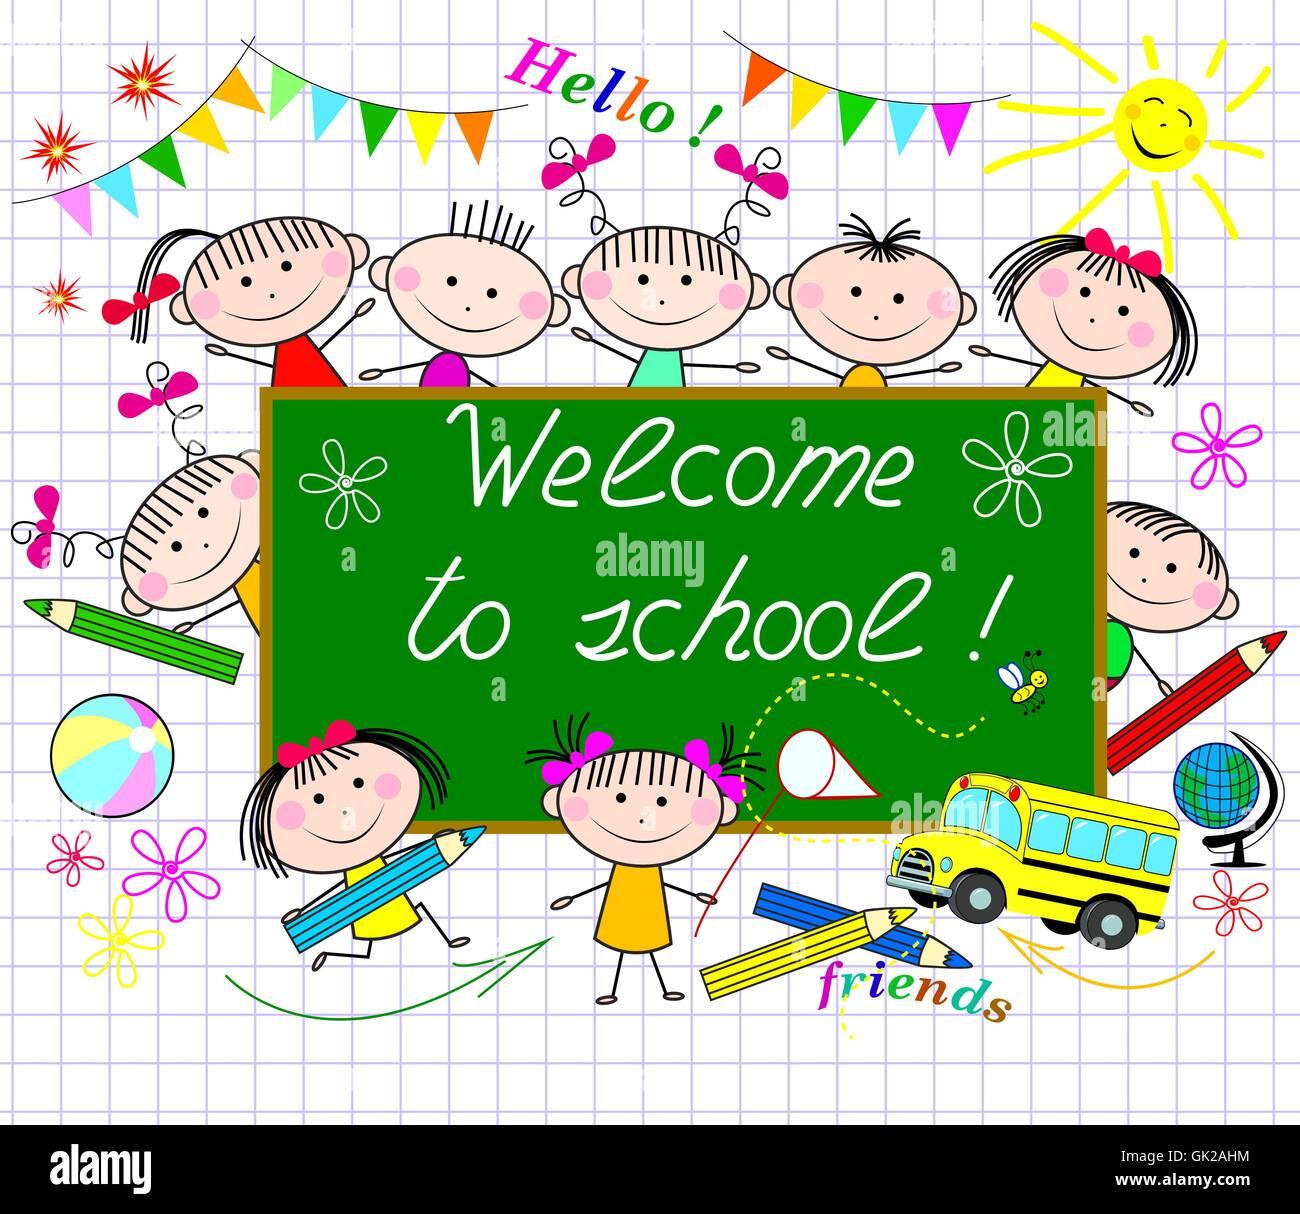 Welcome to school - Stock Vector